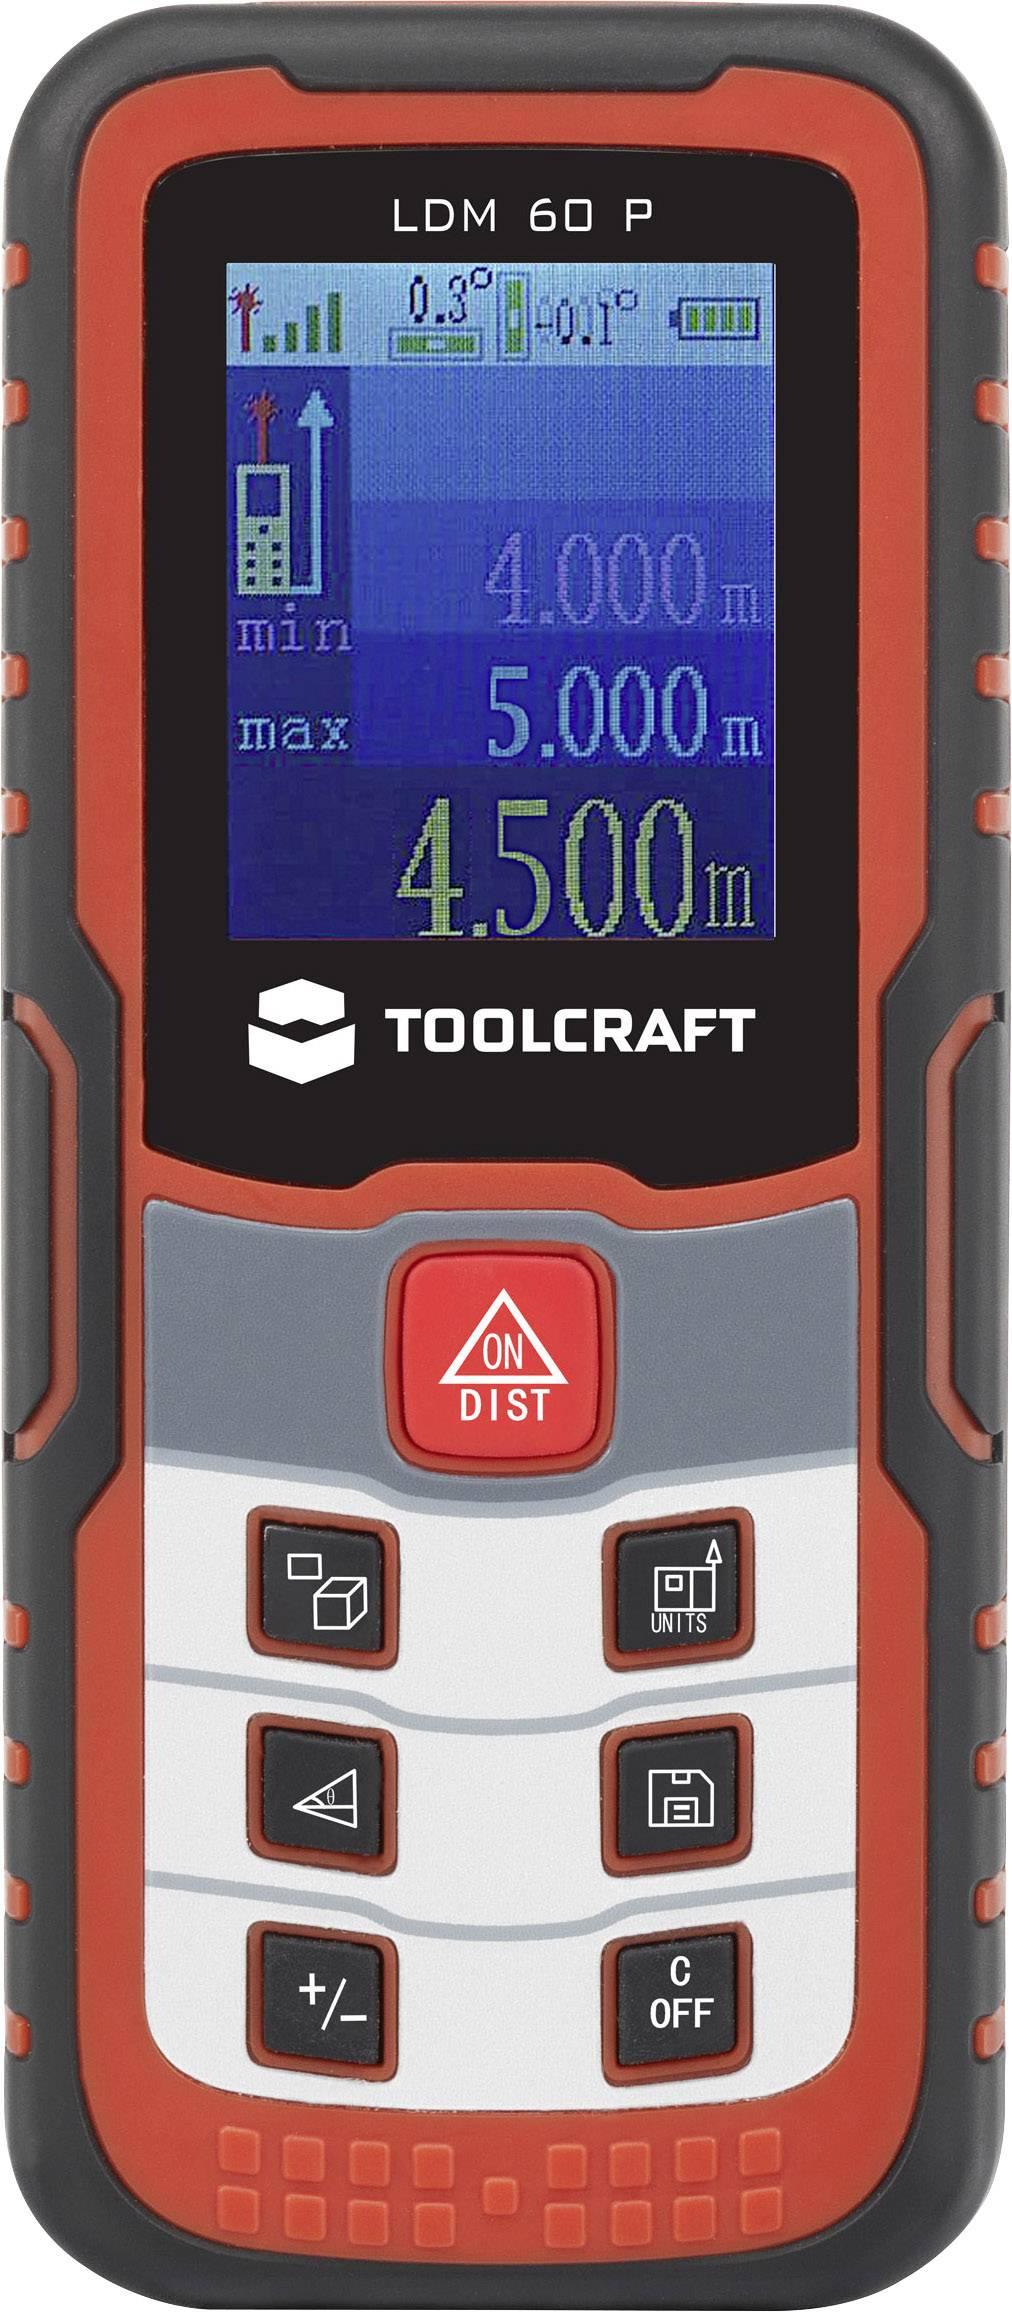 Laserový měřič vzdálenosti TOOLCRAFT LDM 60 J 1400305, max. rozsah 60 m